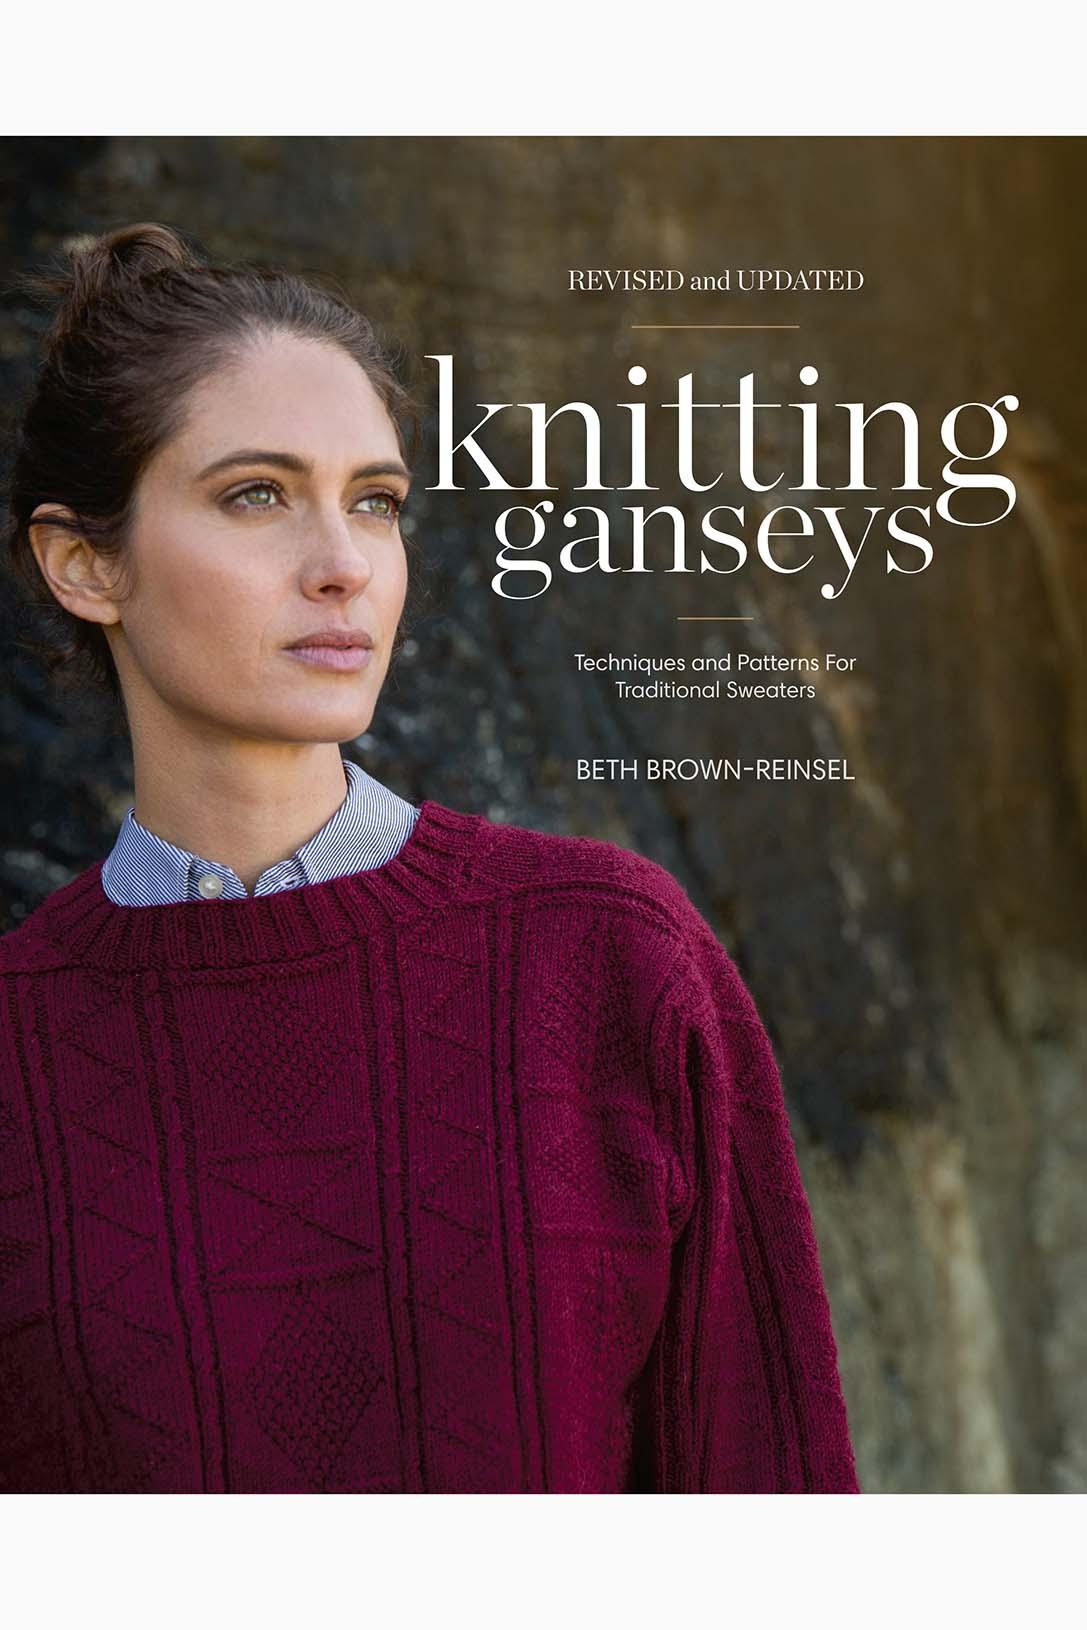 gansey sweaters